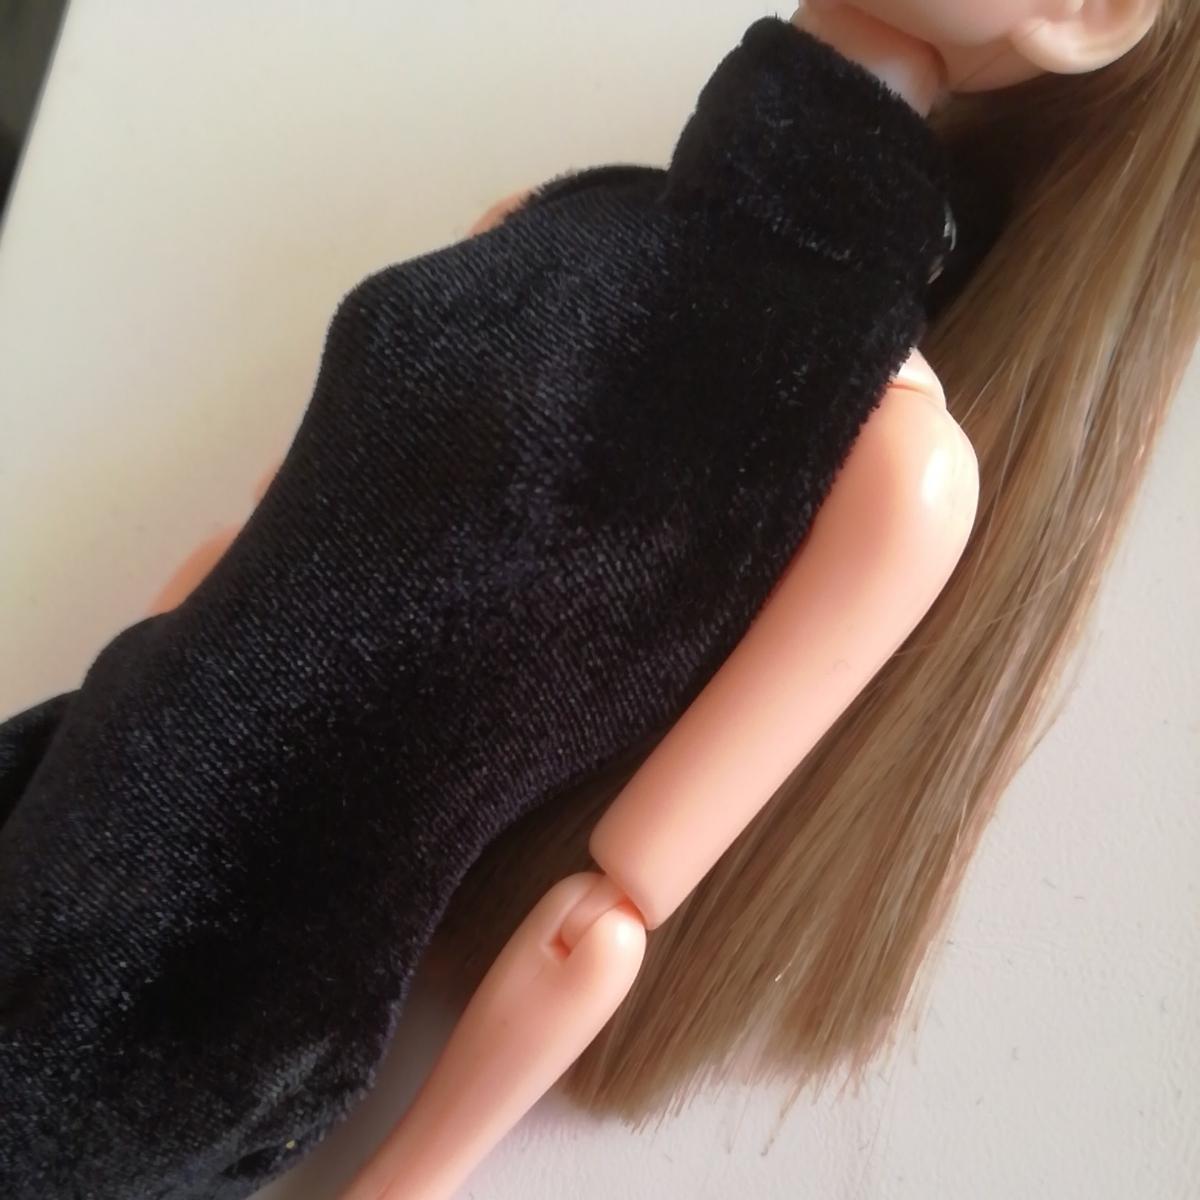 人形用 黒 ベロア ボディコン ハイネック 伸縮性あり ボディスーツ オールインワン 27cm ストレッチ ブラック 1/6ドール momoko バービー_画像4